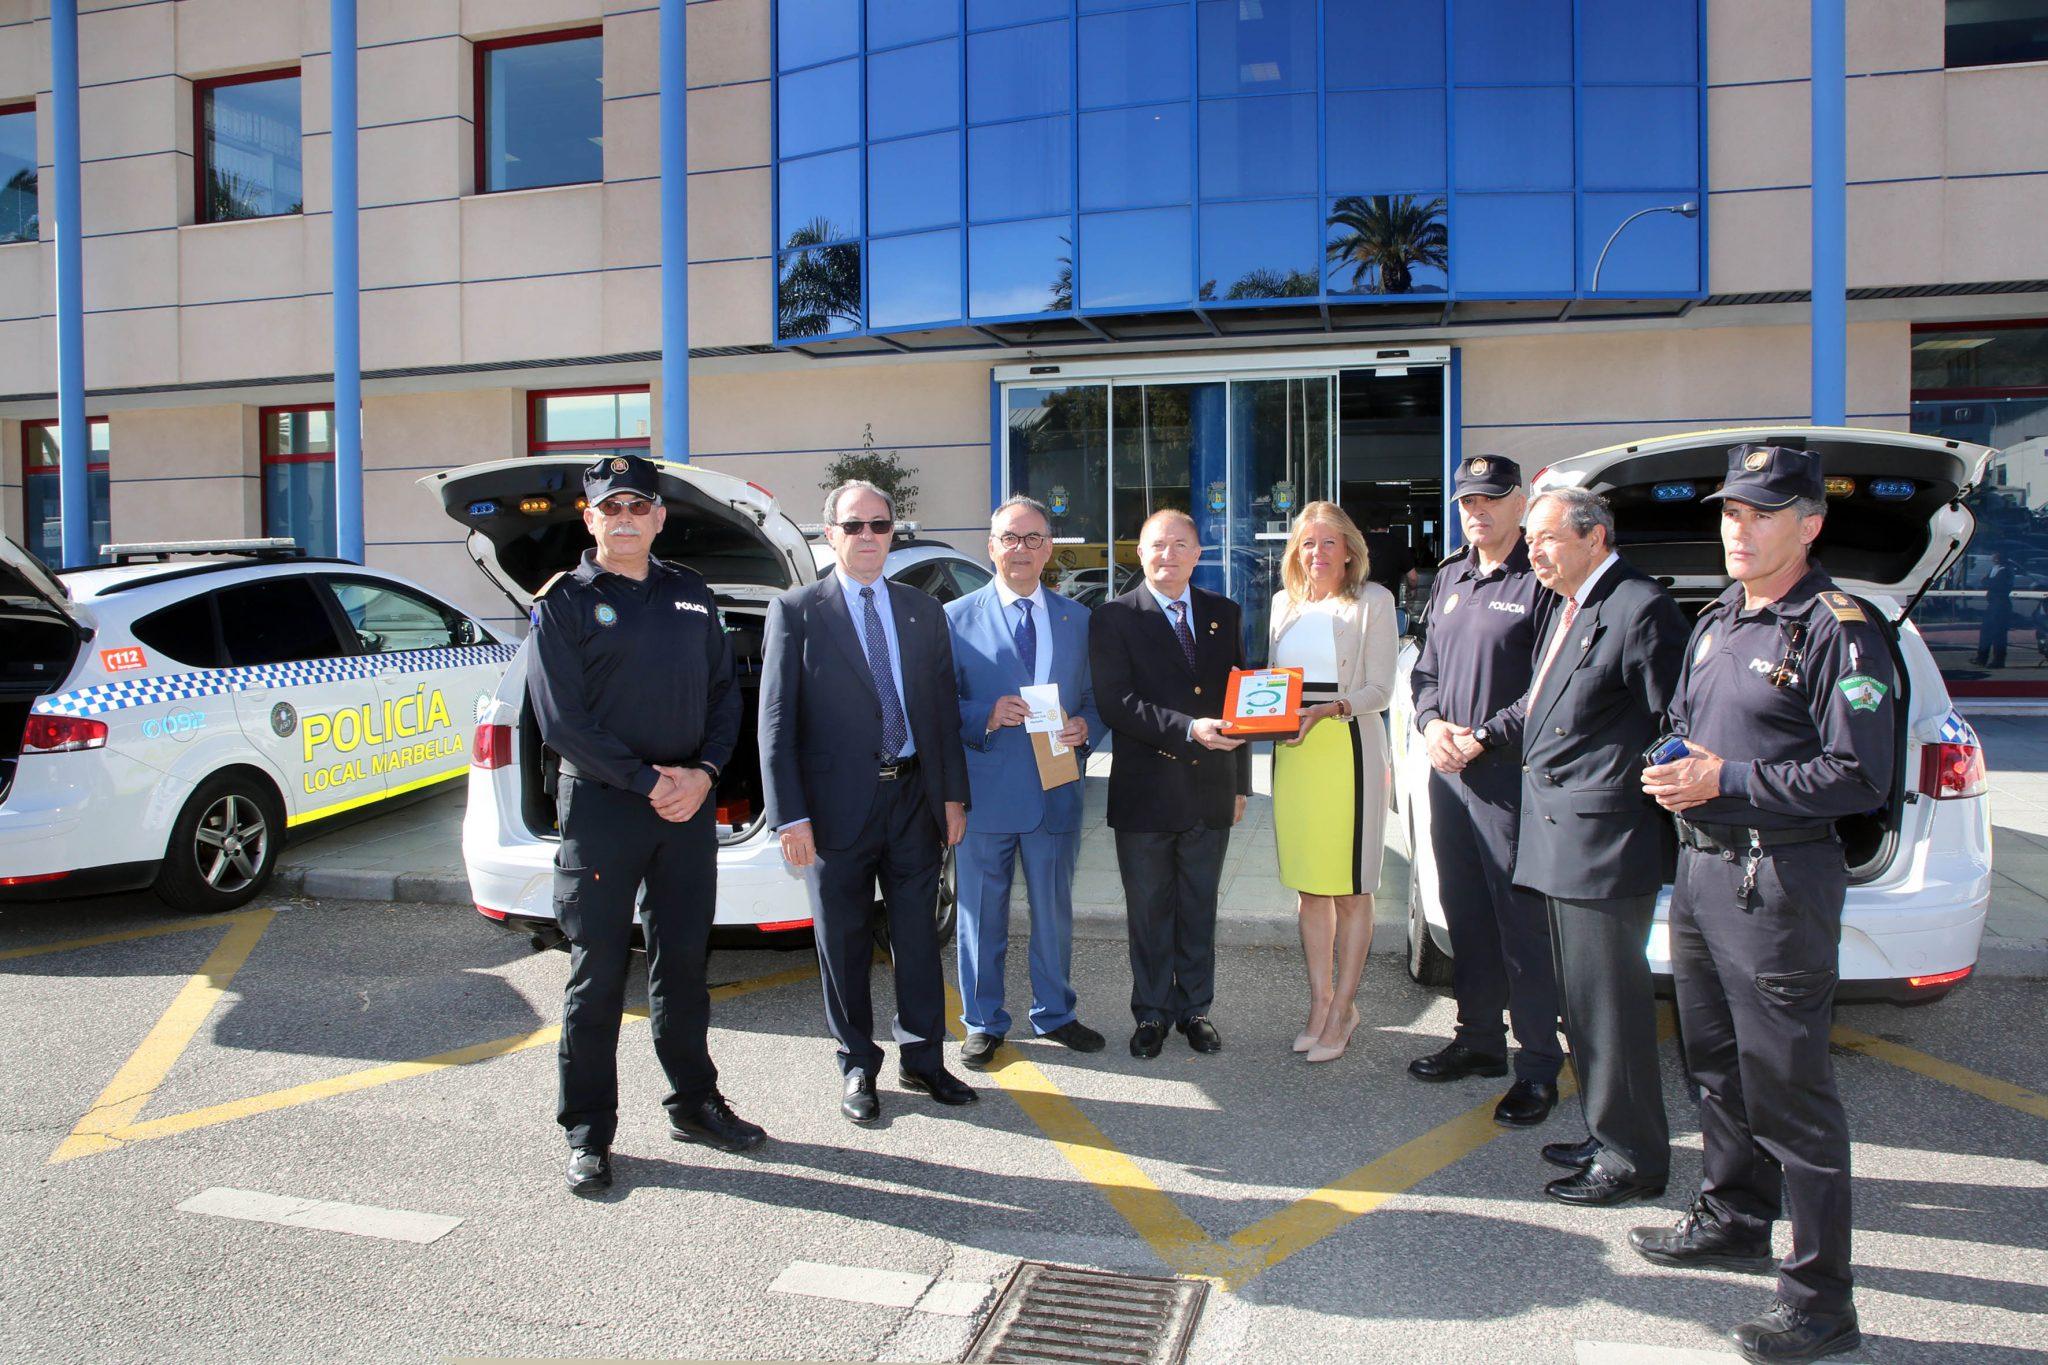 Marbella cuenta con 8 nuevos desfibriladores gracias a la donación del Rotary Club